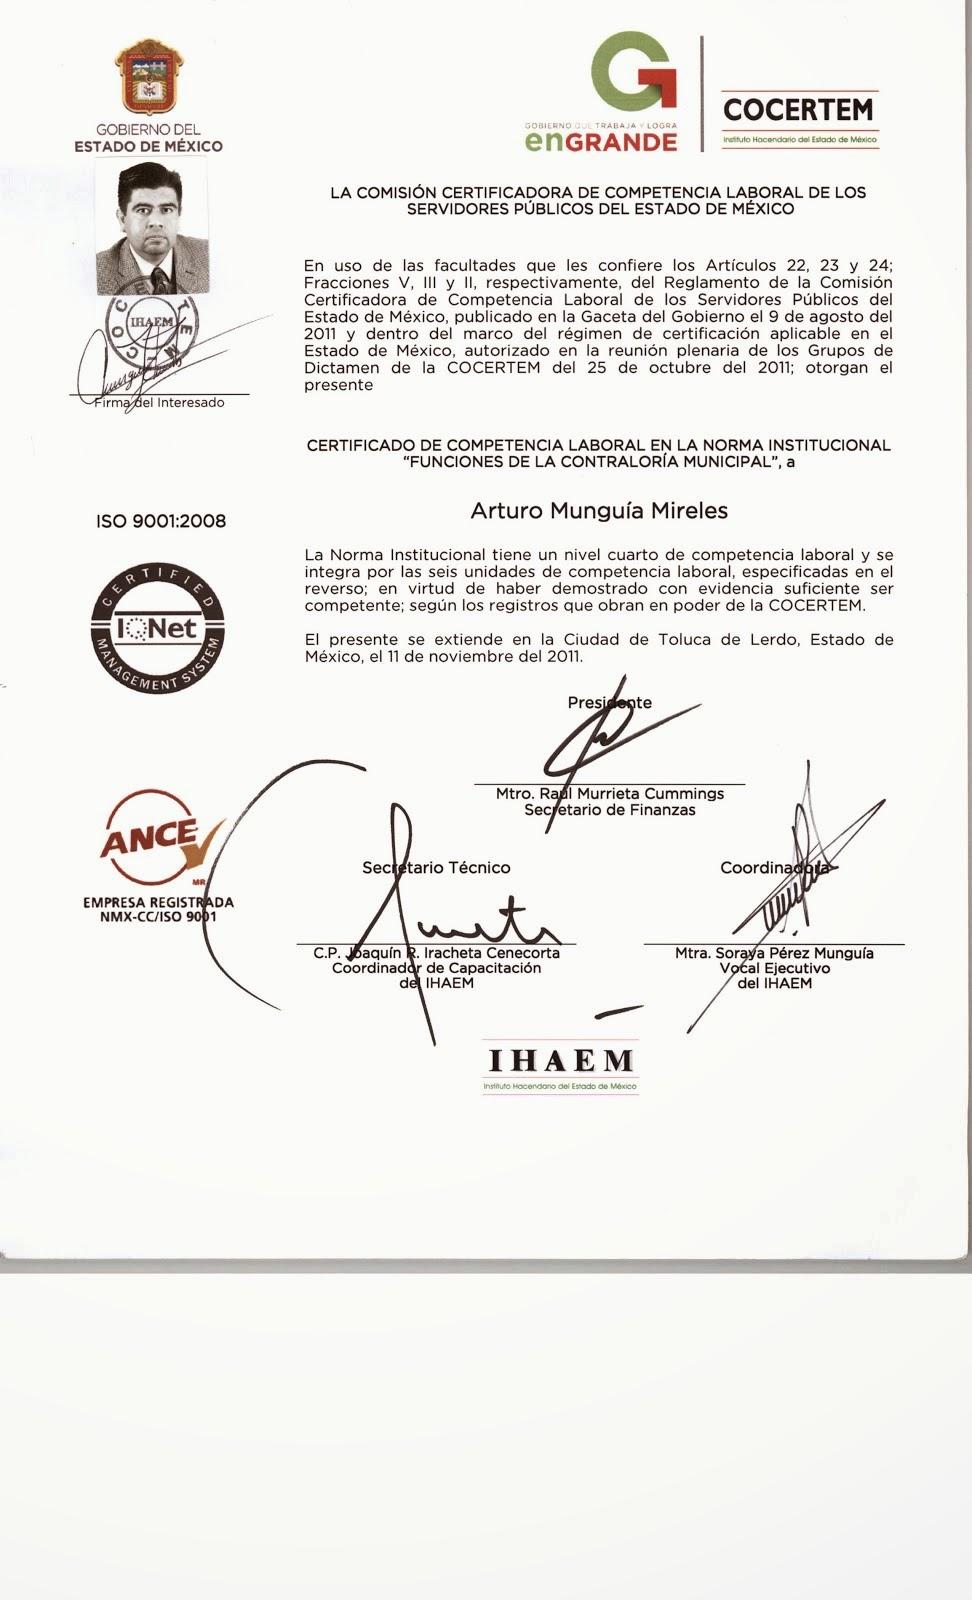 Certificado de Competencia Laboral en Funciones de Contraloria Municipal